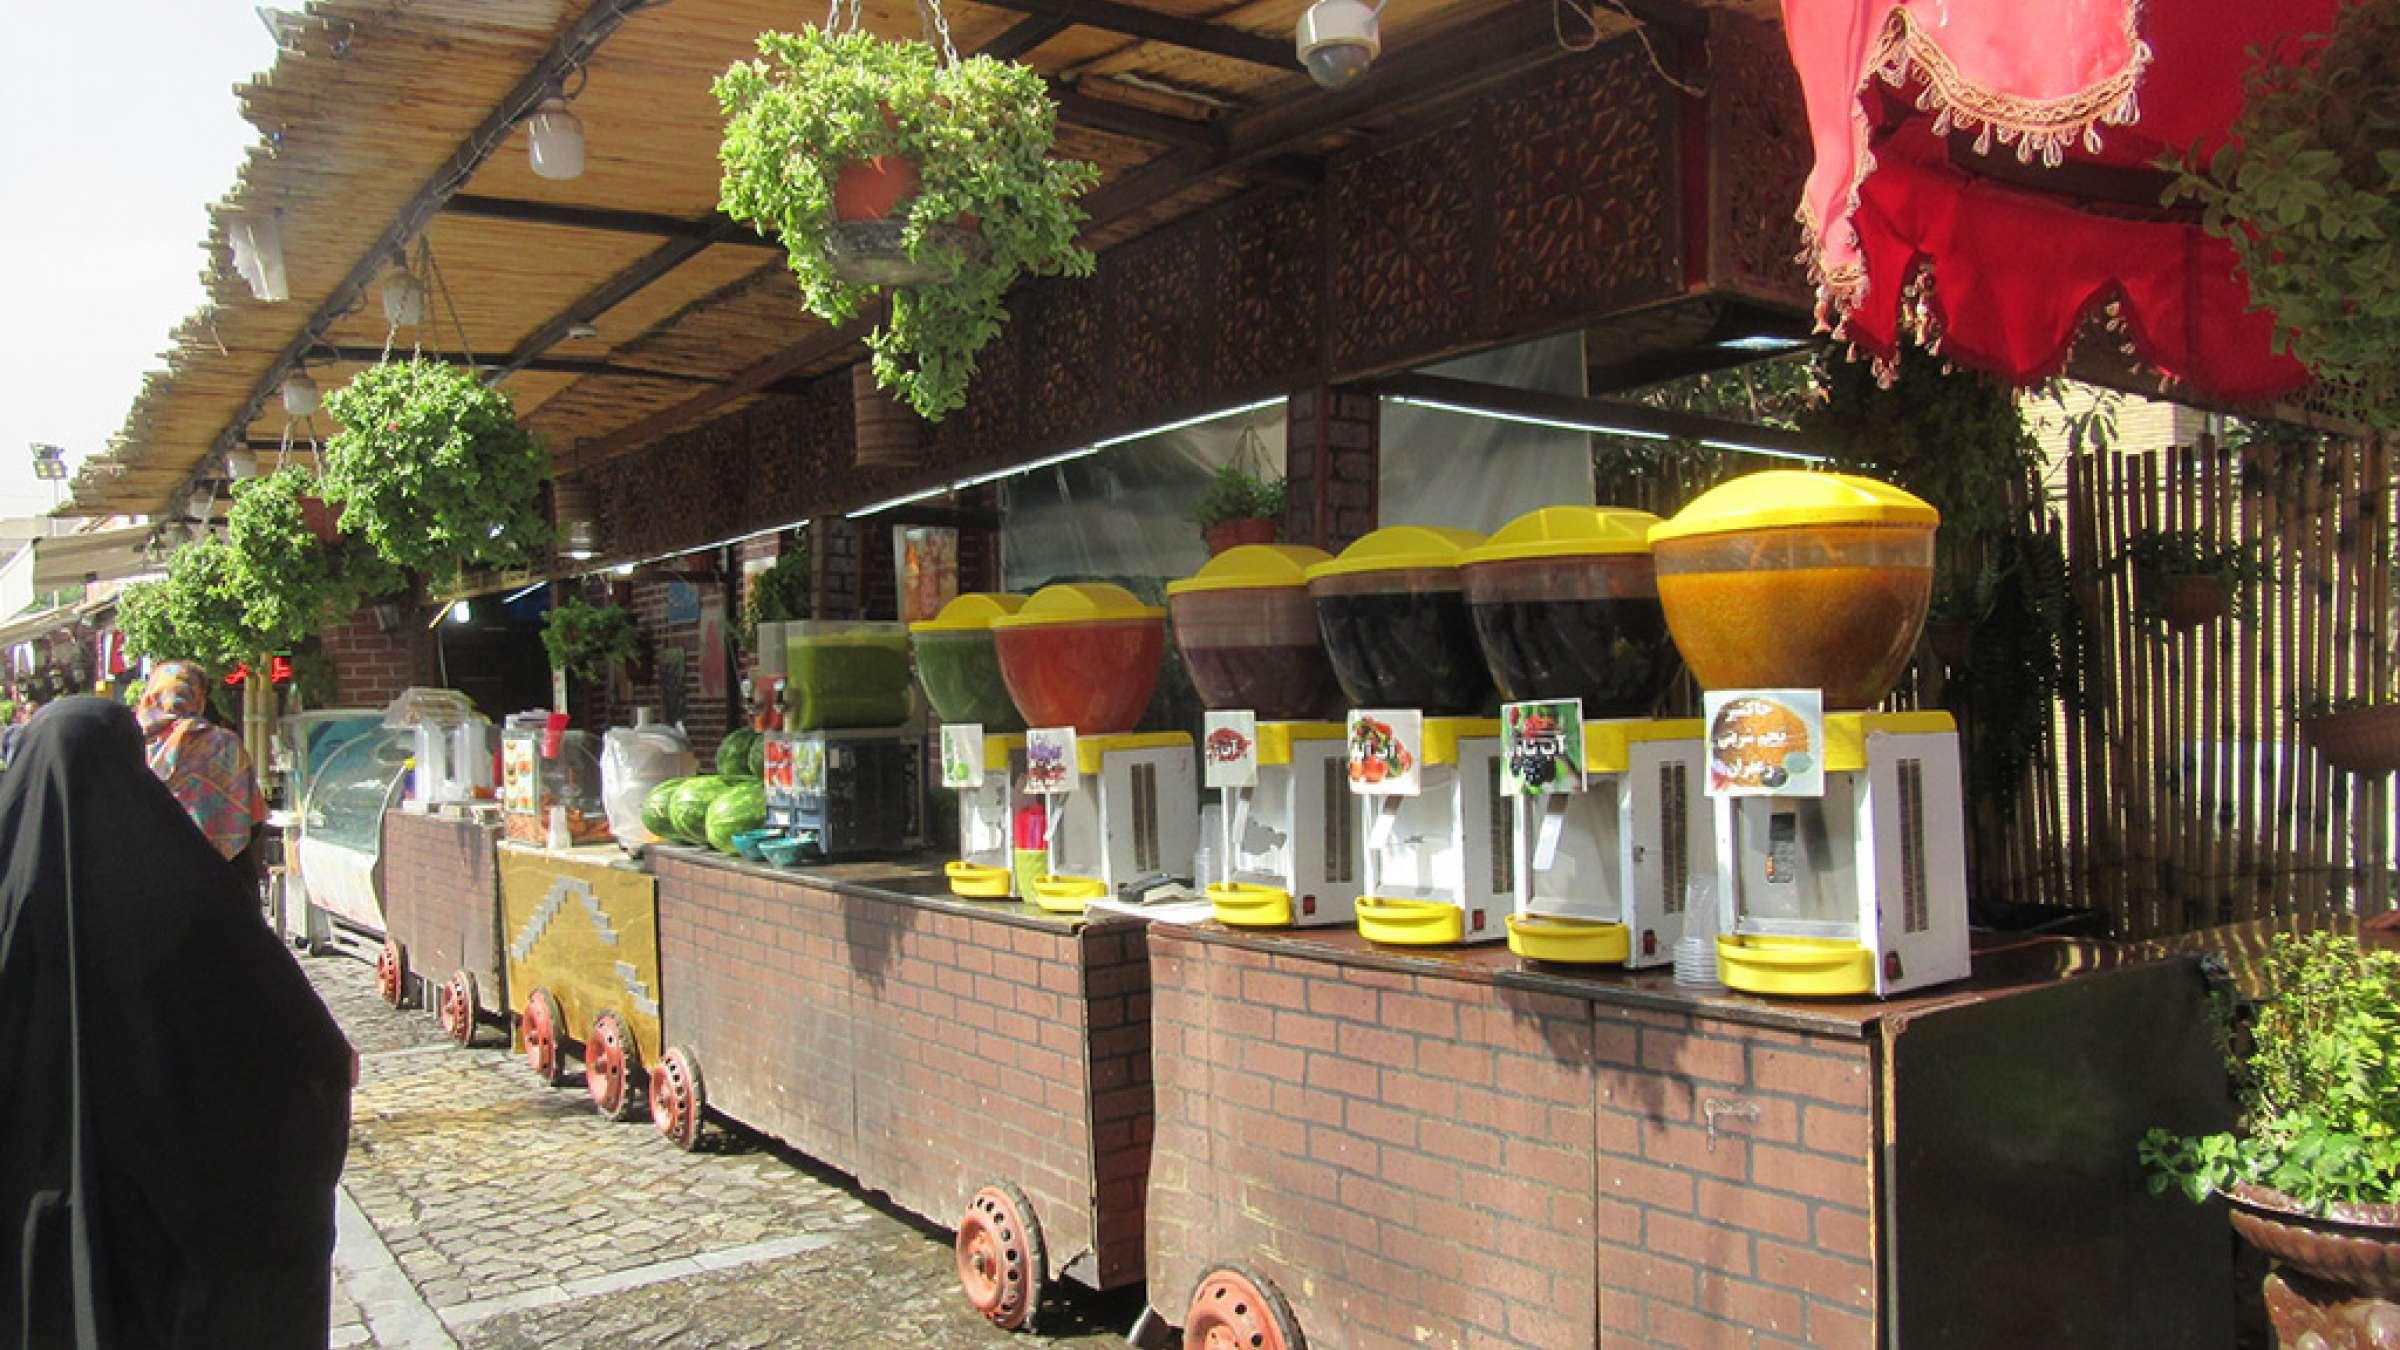 ادبیات-گلمحمدی-با-من-به-بازار-تهران-بیایید-نوشیدنی